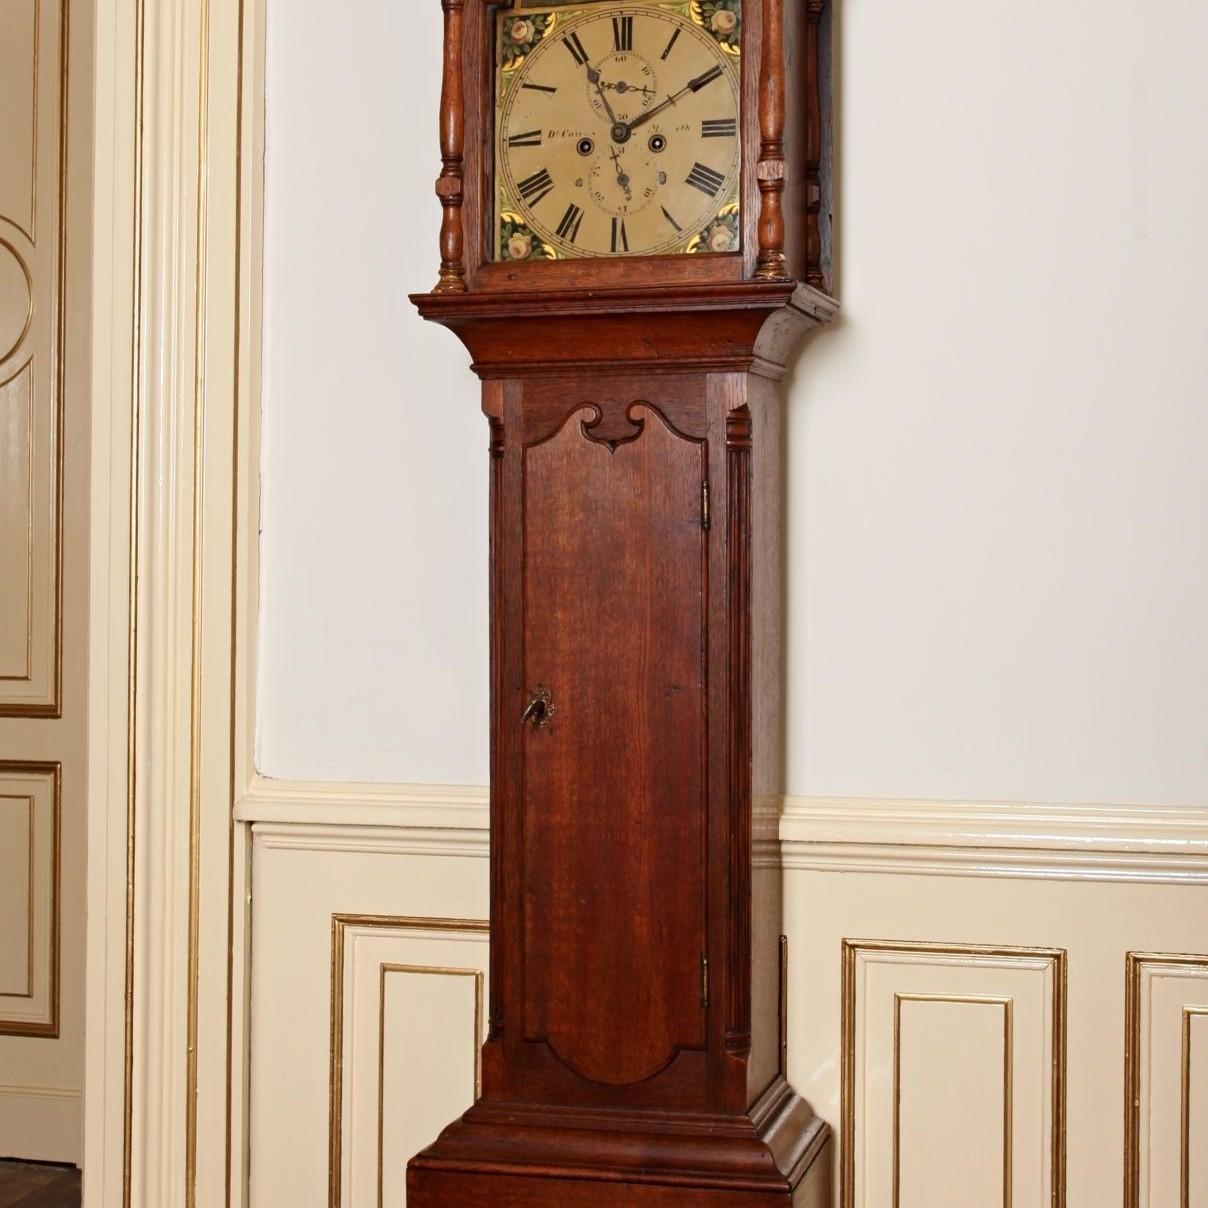 Skotské podlahové hodiny. Signované. Cca 1820. Funkční